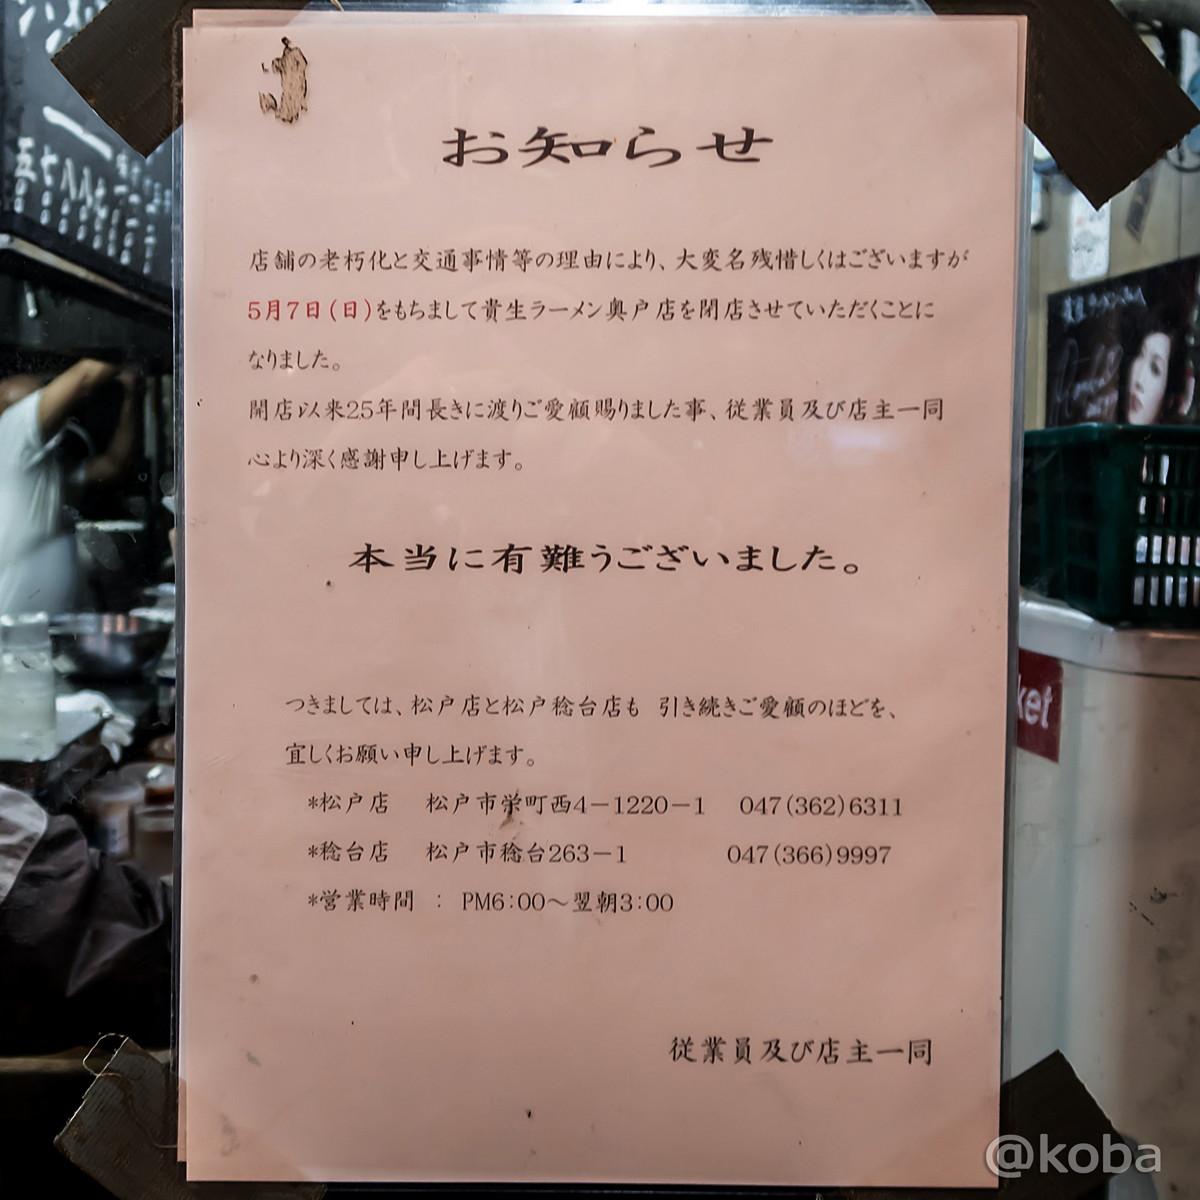 奥戸 屋台ラーメン とんこつ 貴生(たかお) 閉店のお知らせ 5月7日(日曜日)